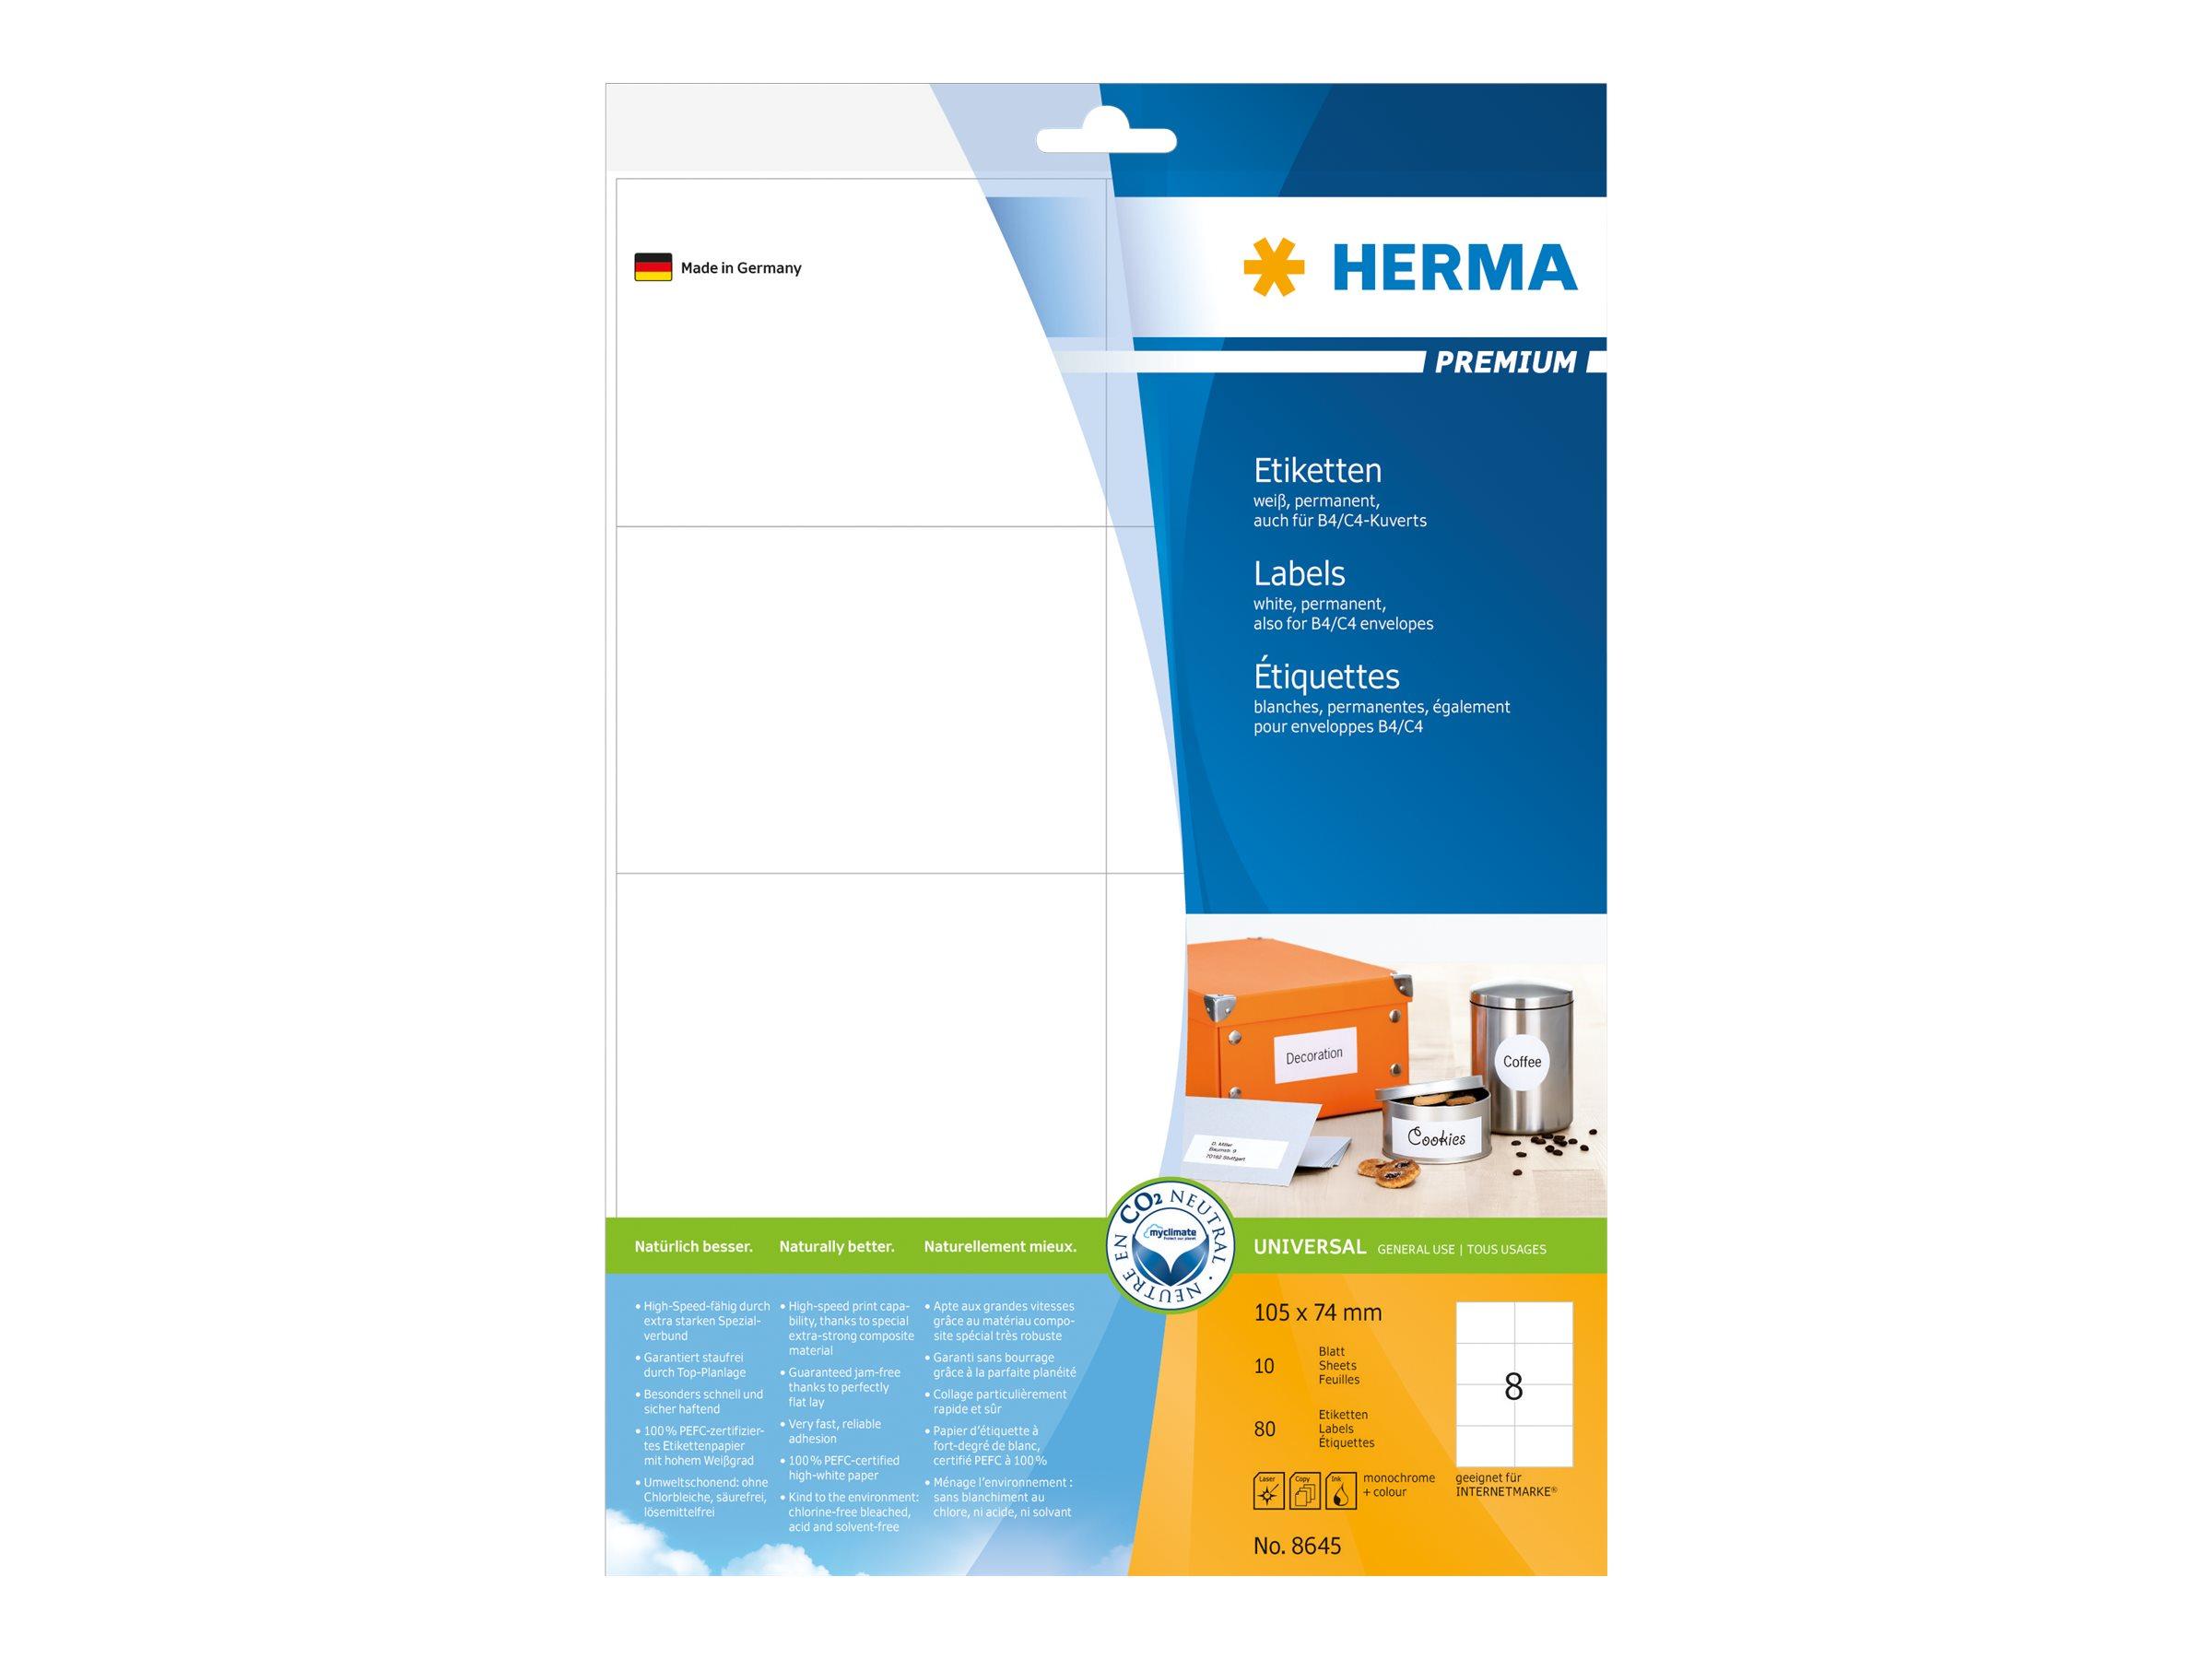 HERMA Premium - Papier - matt - permanent selbstklebend - weiß - 105 x 74 mm 80 Etikett(en) (10 Bogen x 8)